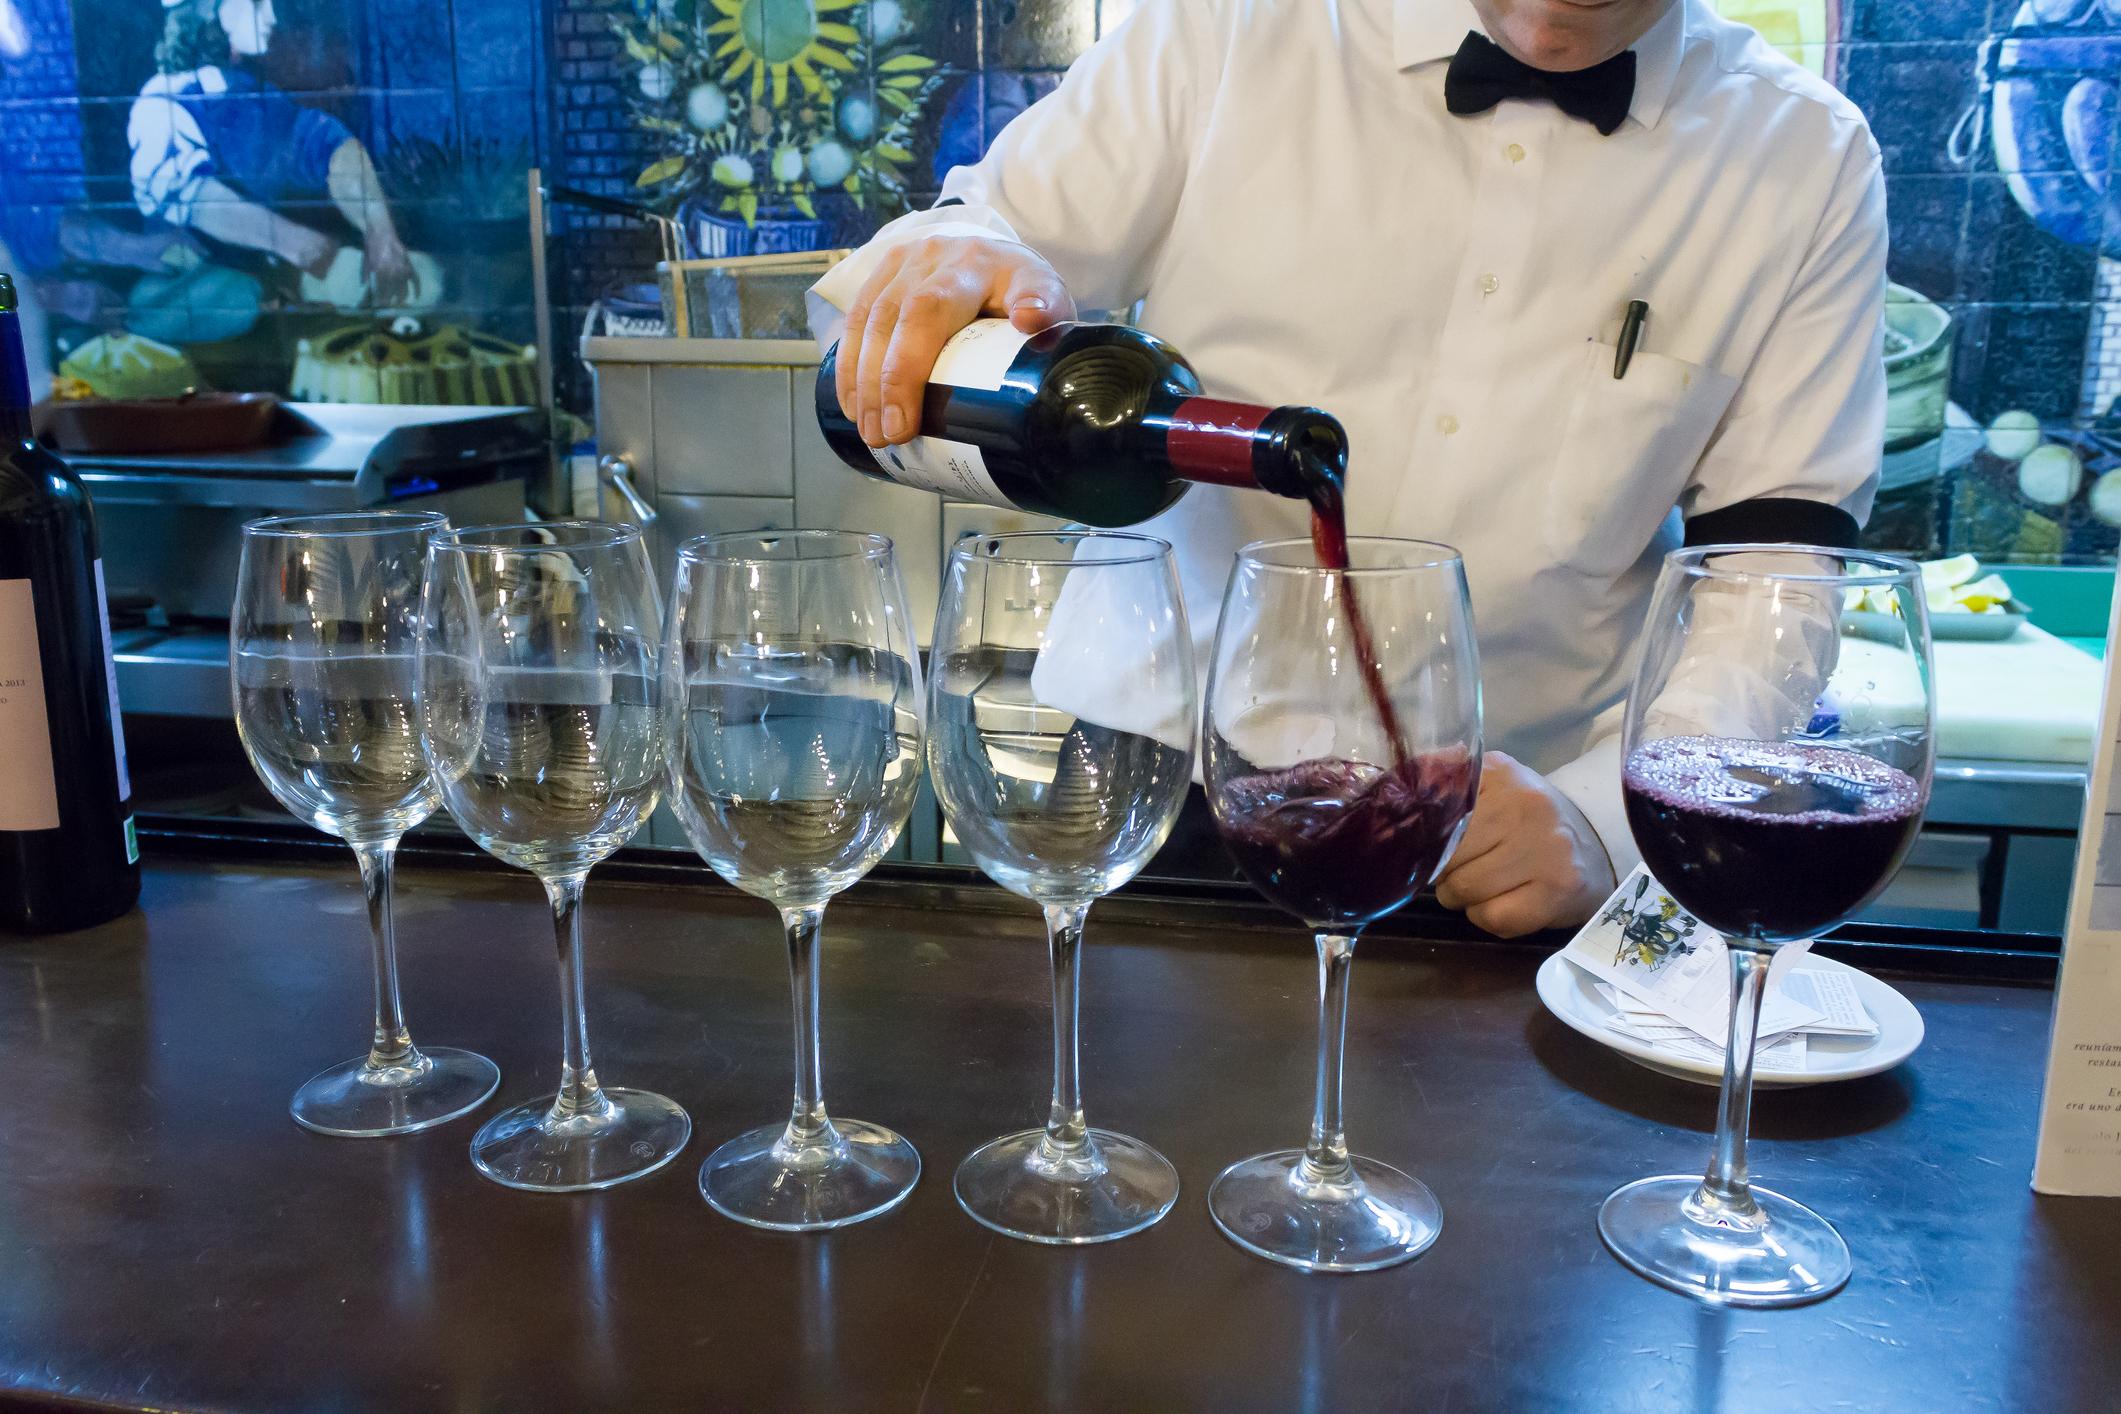 image Comment servir le vin ?